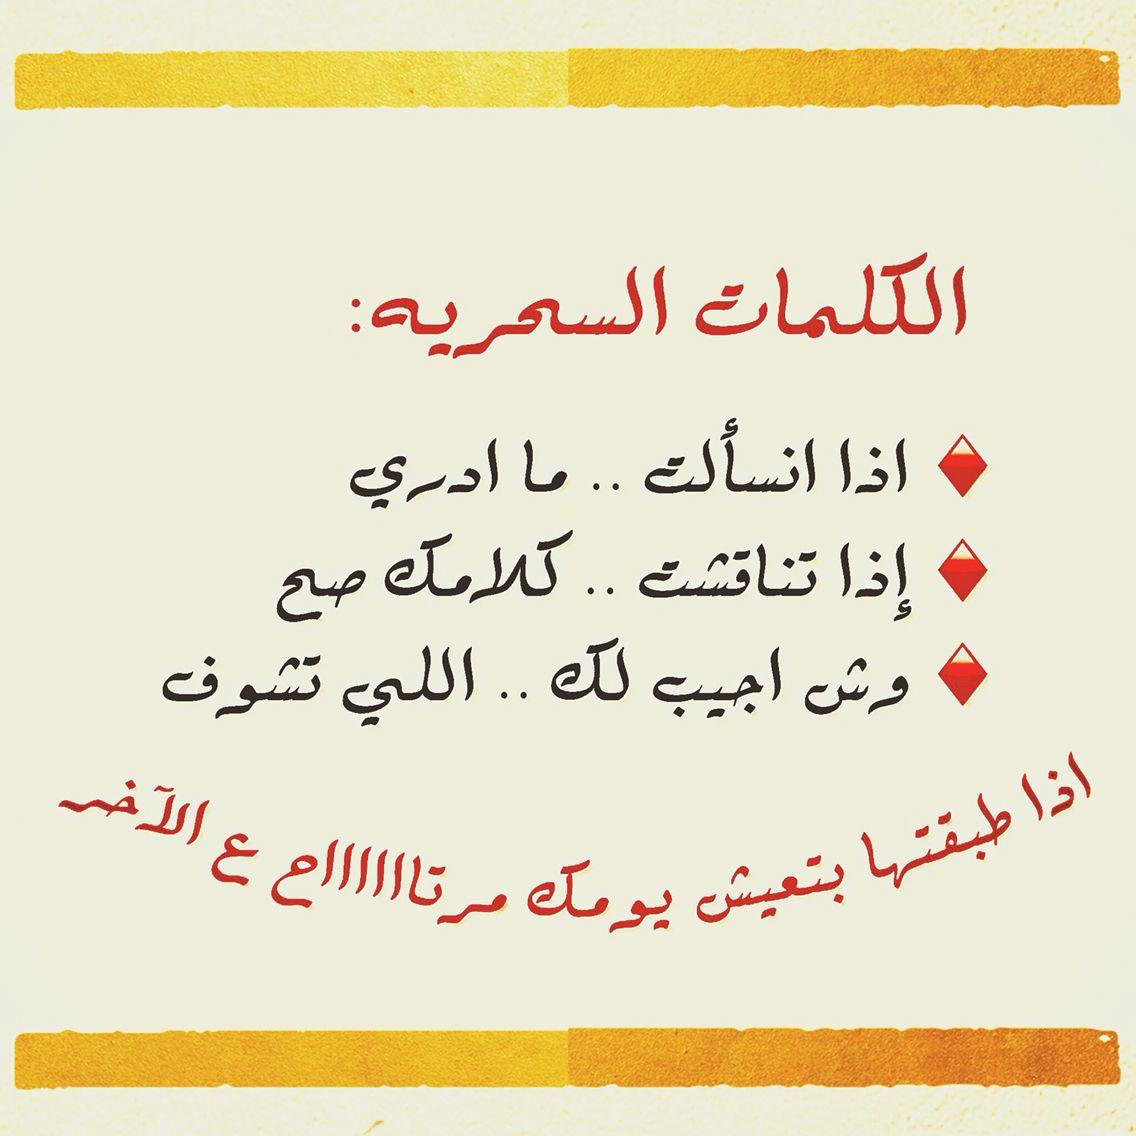 كلمات سحرية Wisdom Quotes Quotes Words